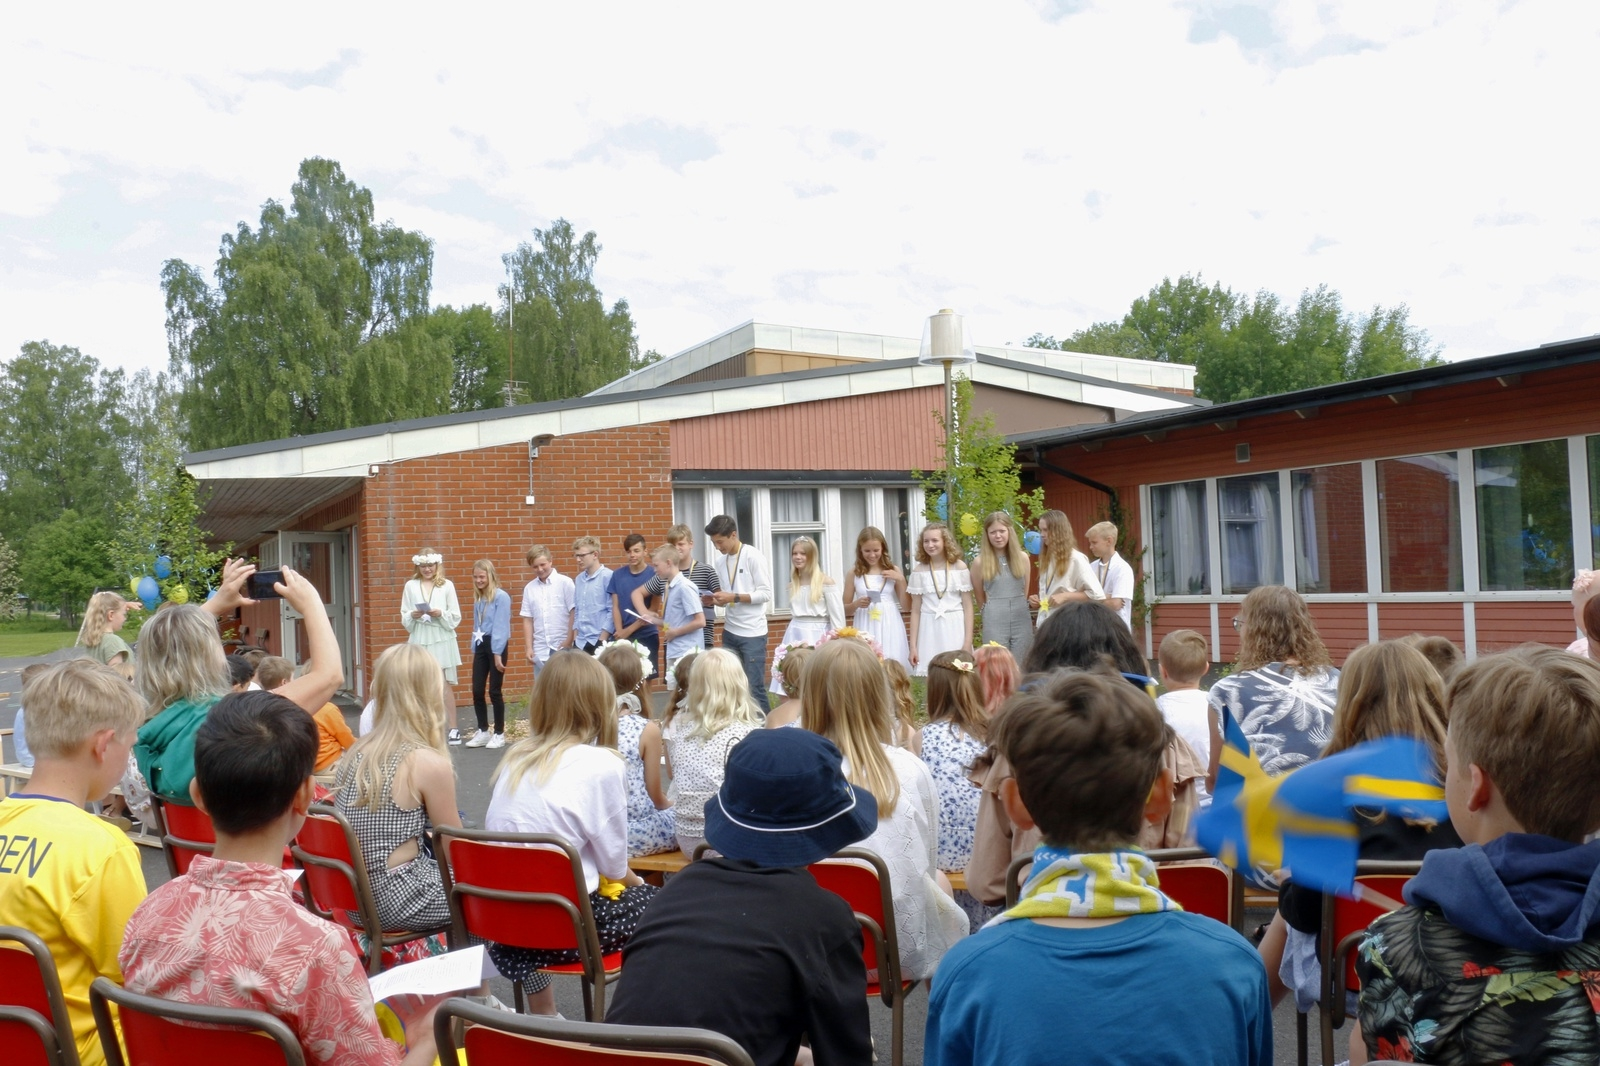 Även på Vegby skola hölls avslutningen på skolgården. Föräldrarna fick hålla sig på behörigt avstånd vid gungorna.